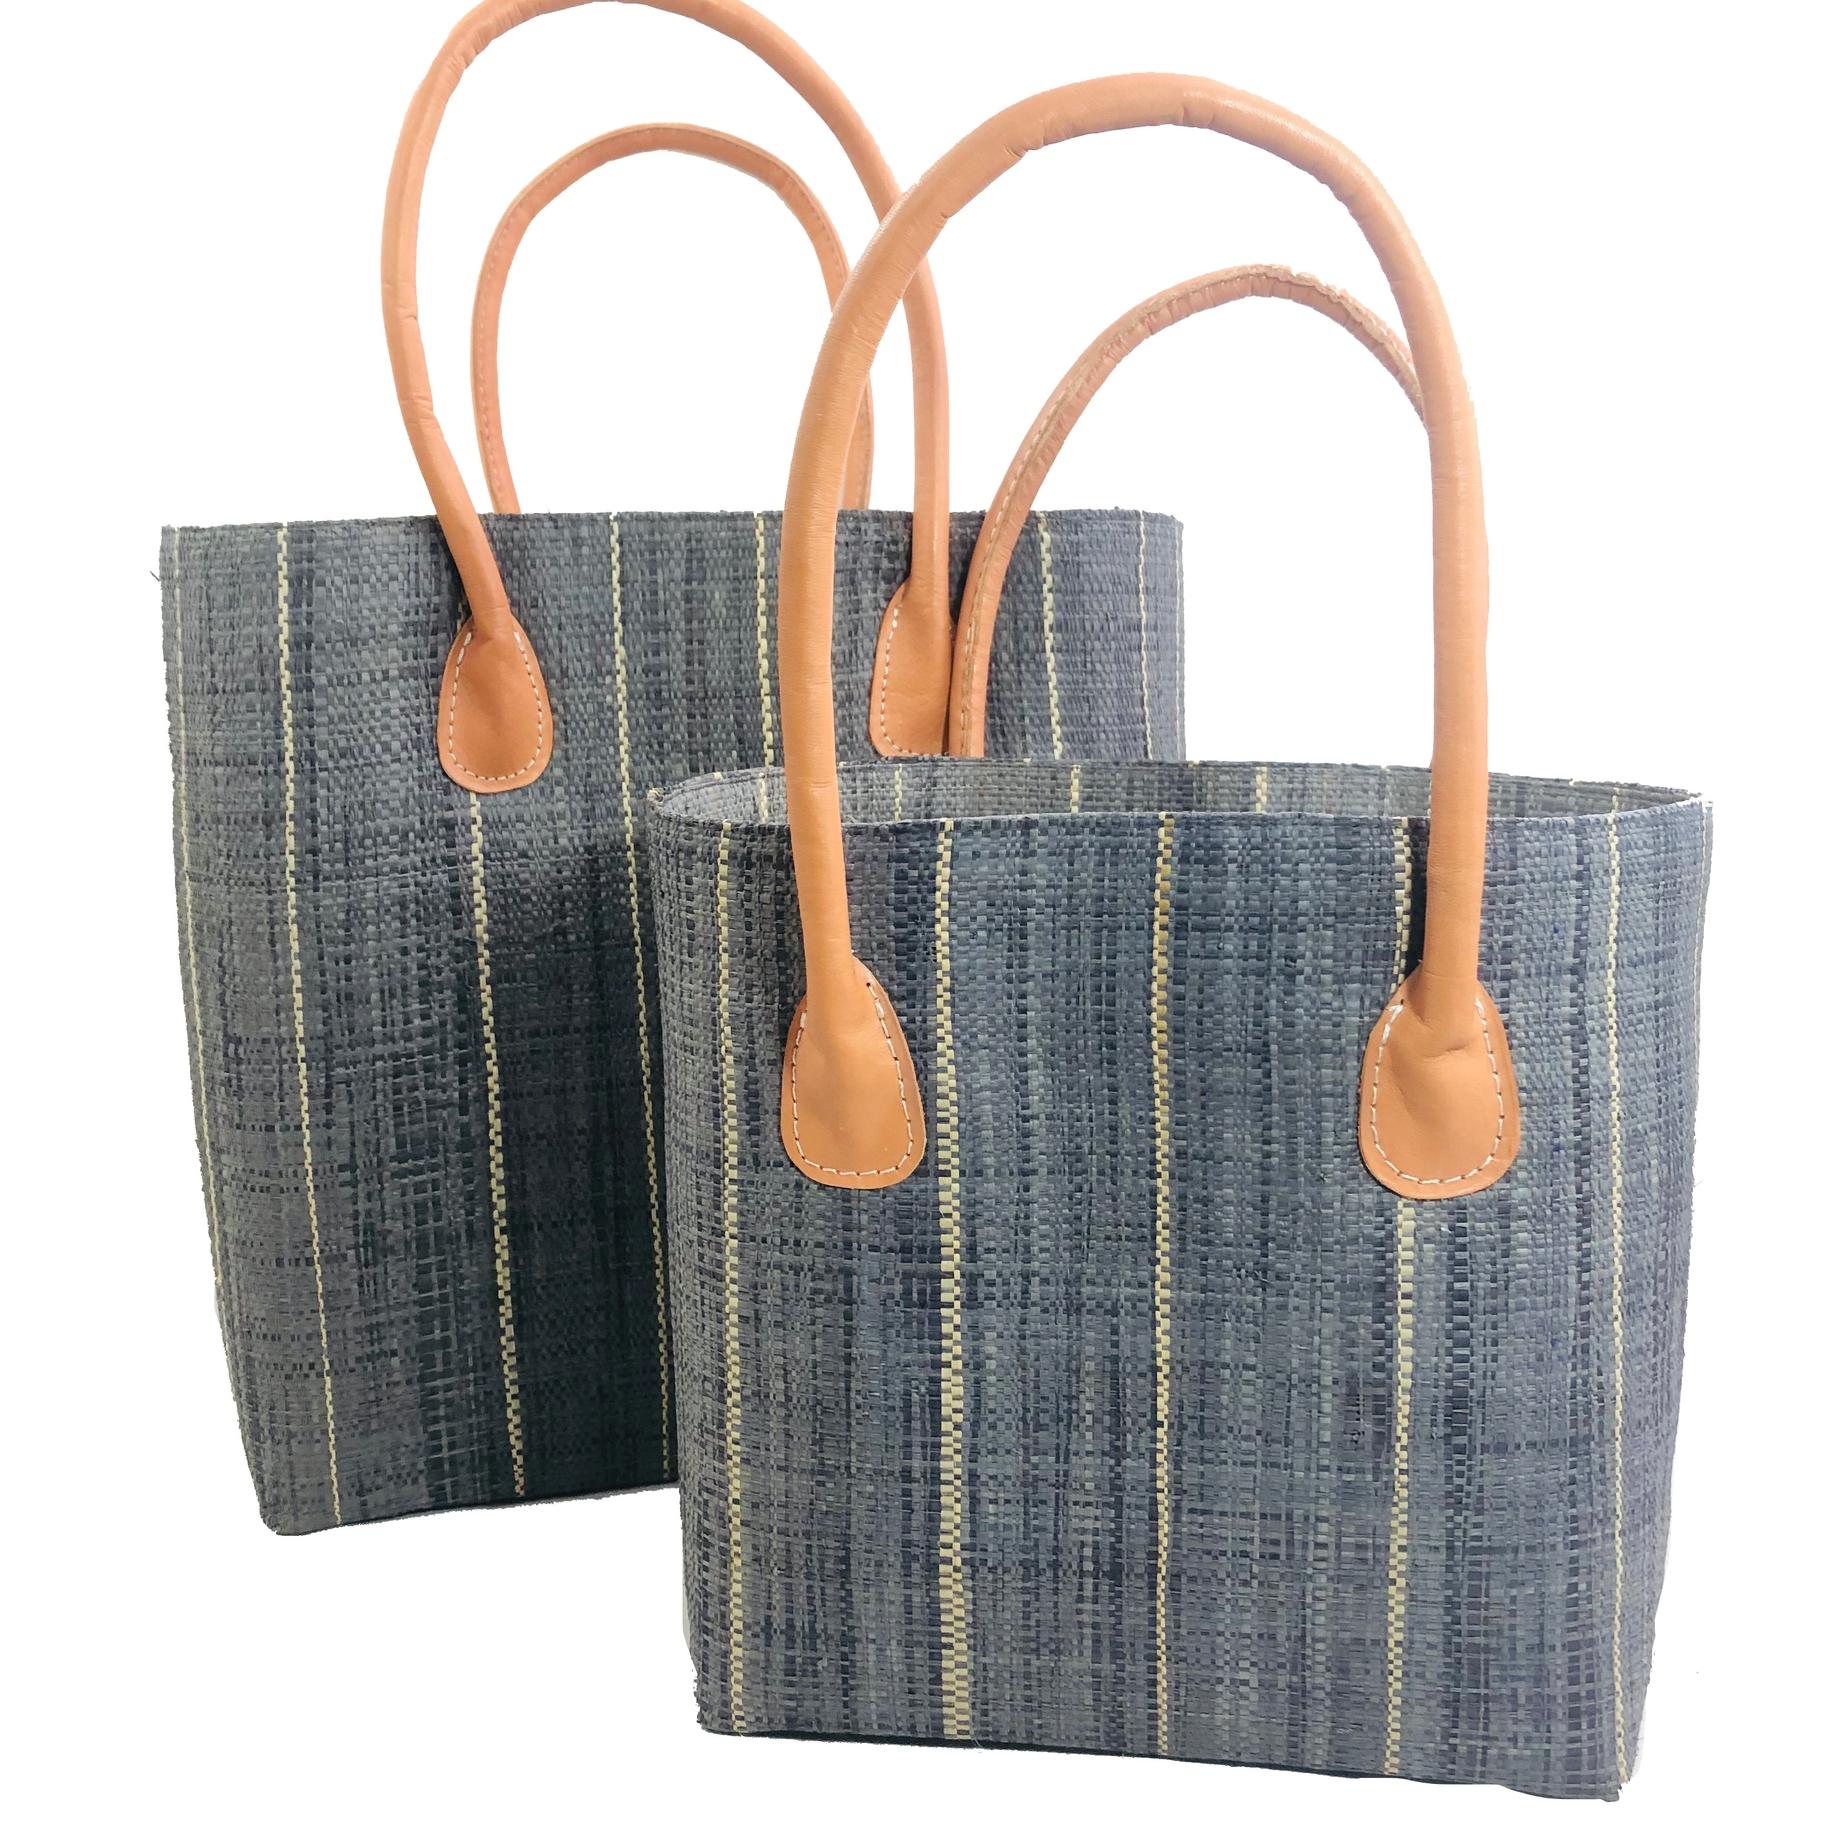 Soubic Pin Stripes Basket - Grey | Trada Marketplace